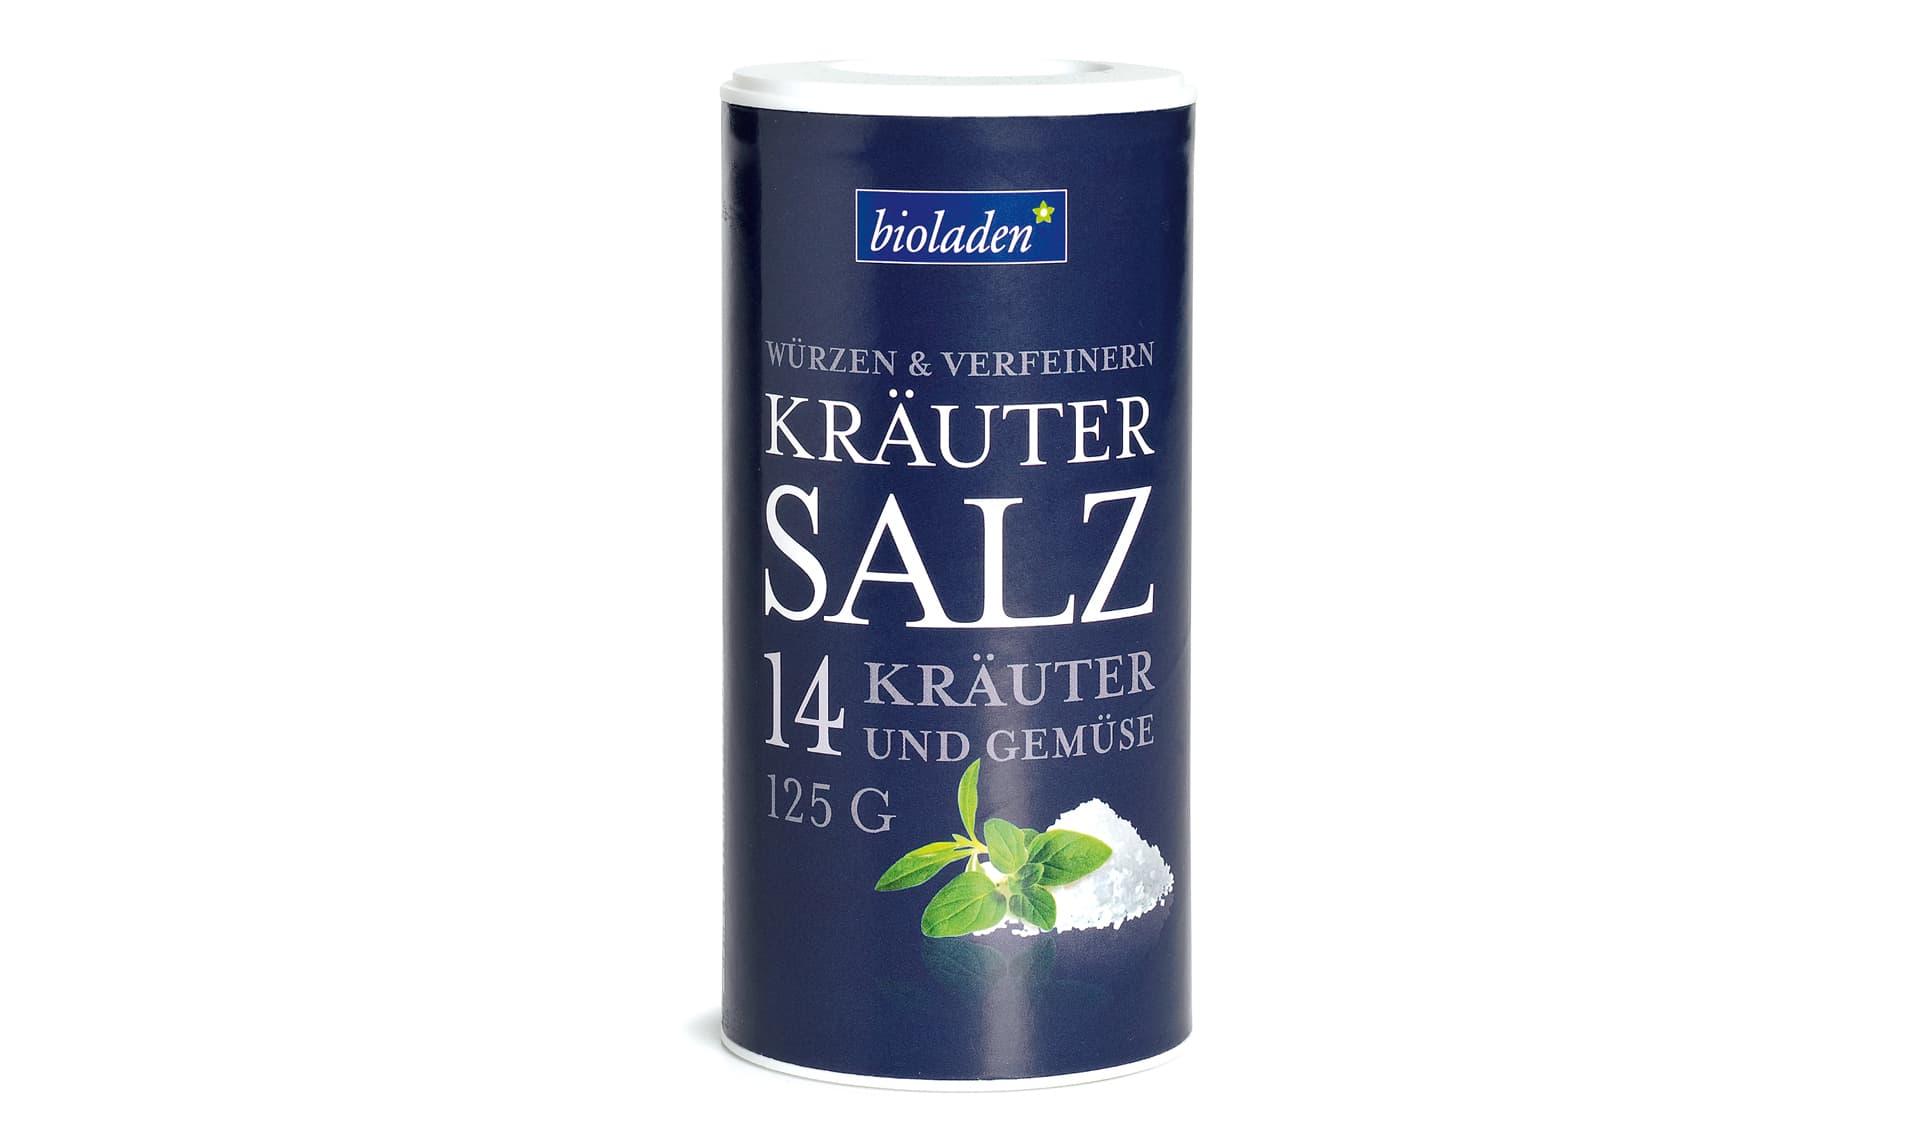 bioladen Kräutersalz mit 14 Kräutern und Gemüse (www.bioladen.de)